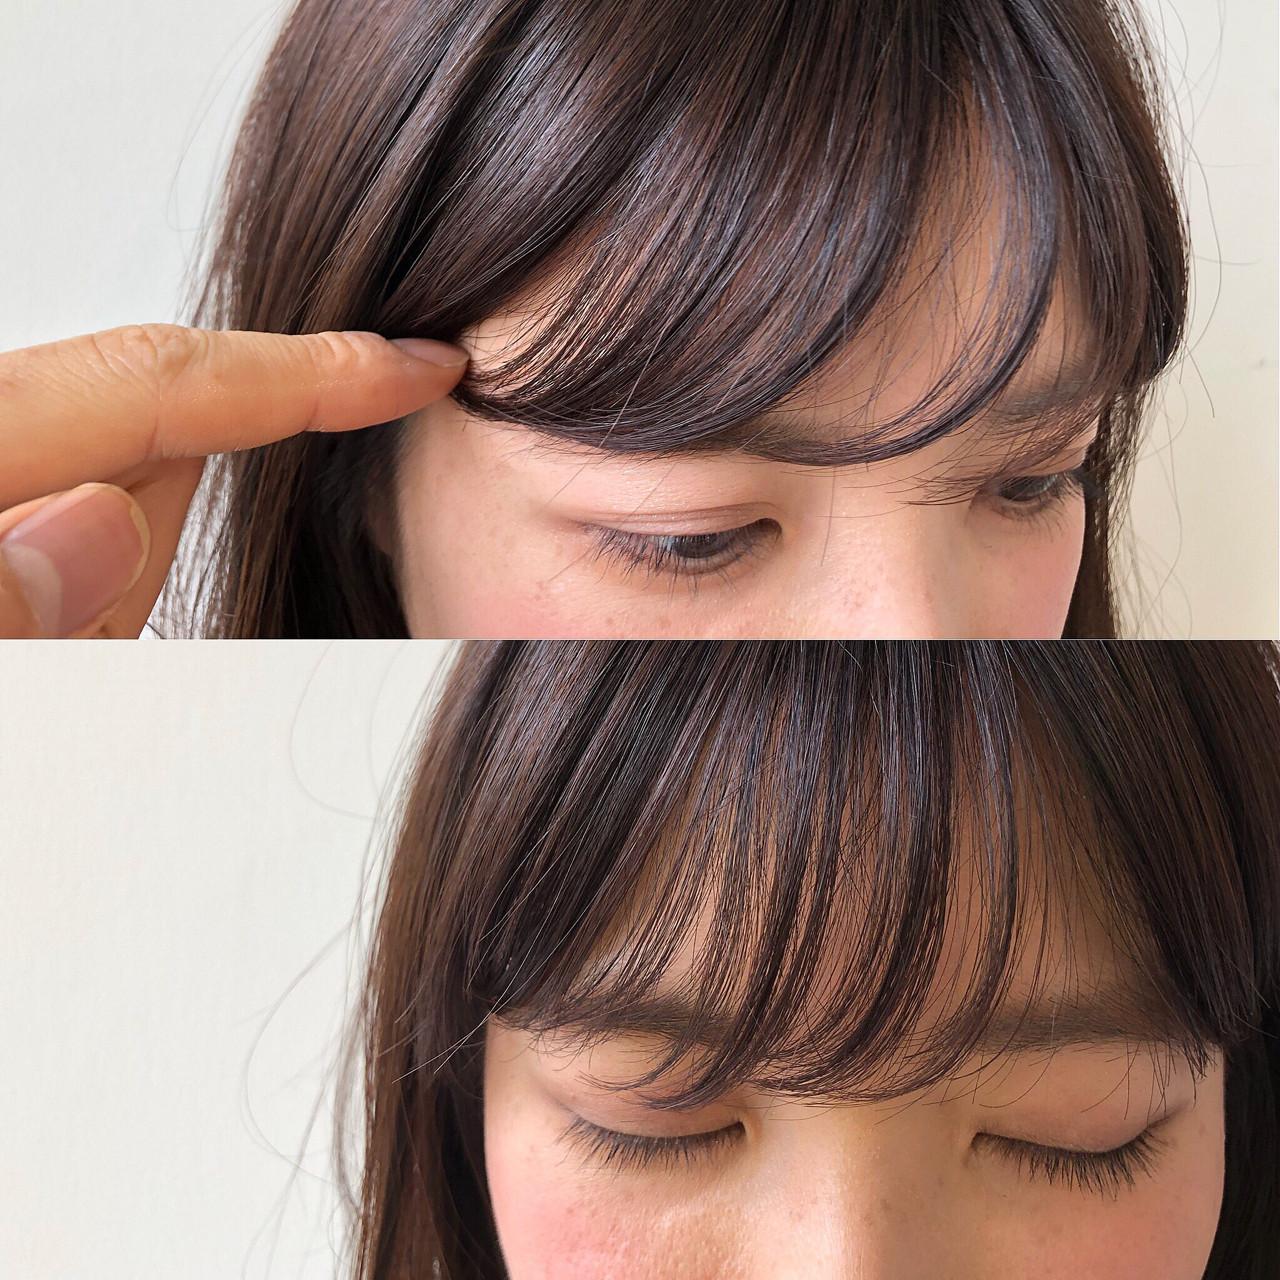 話題のモテヘア。薄め前髪【シースルーバング】に恋する予感…♡の6枚目の画像